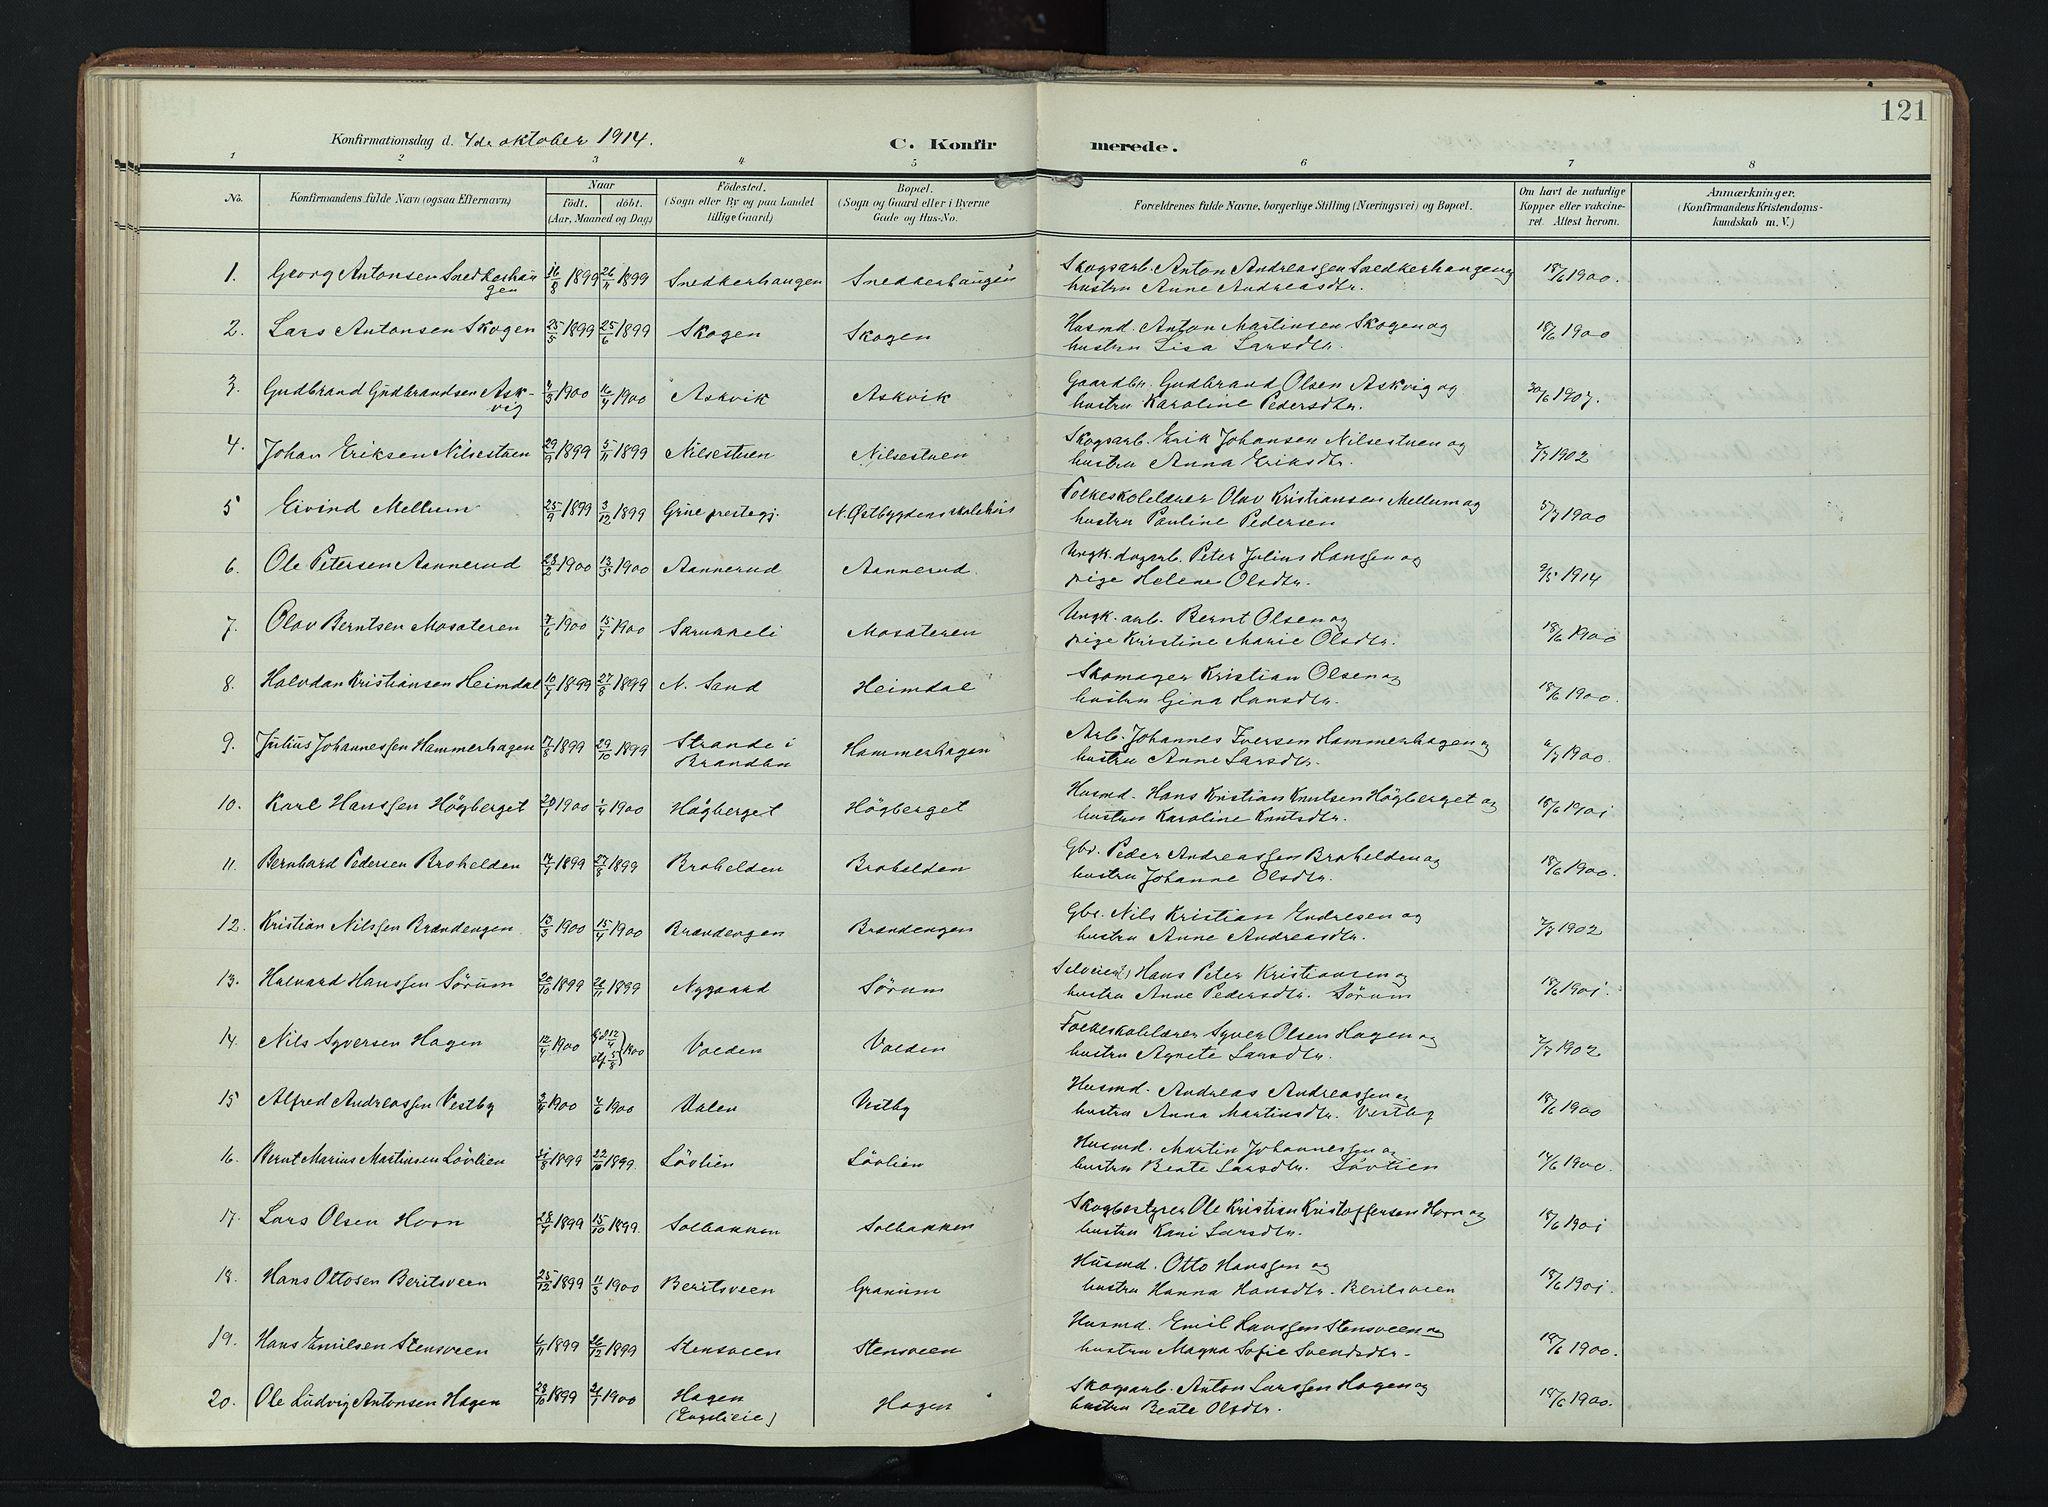 SAH, Søndre Land prestekontor, K/L0007: Ministerialbok nr. 7, 1905-1914, s. 121